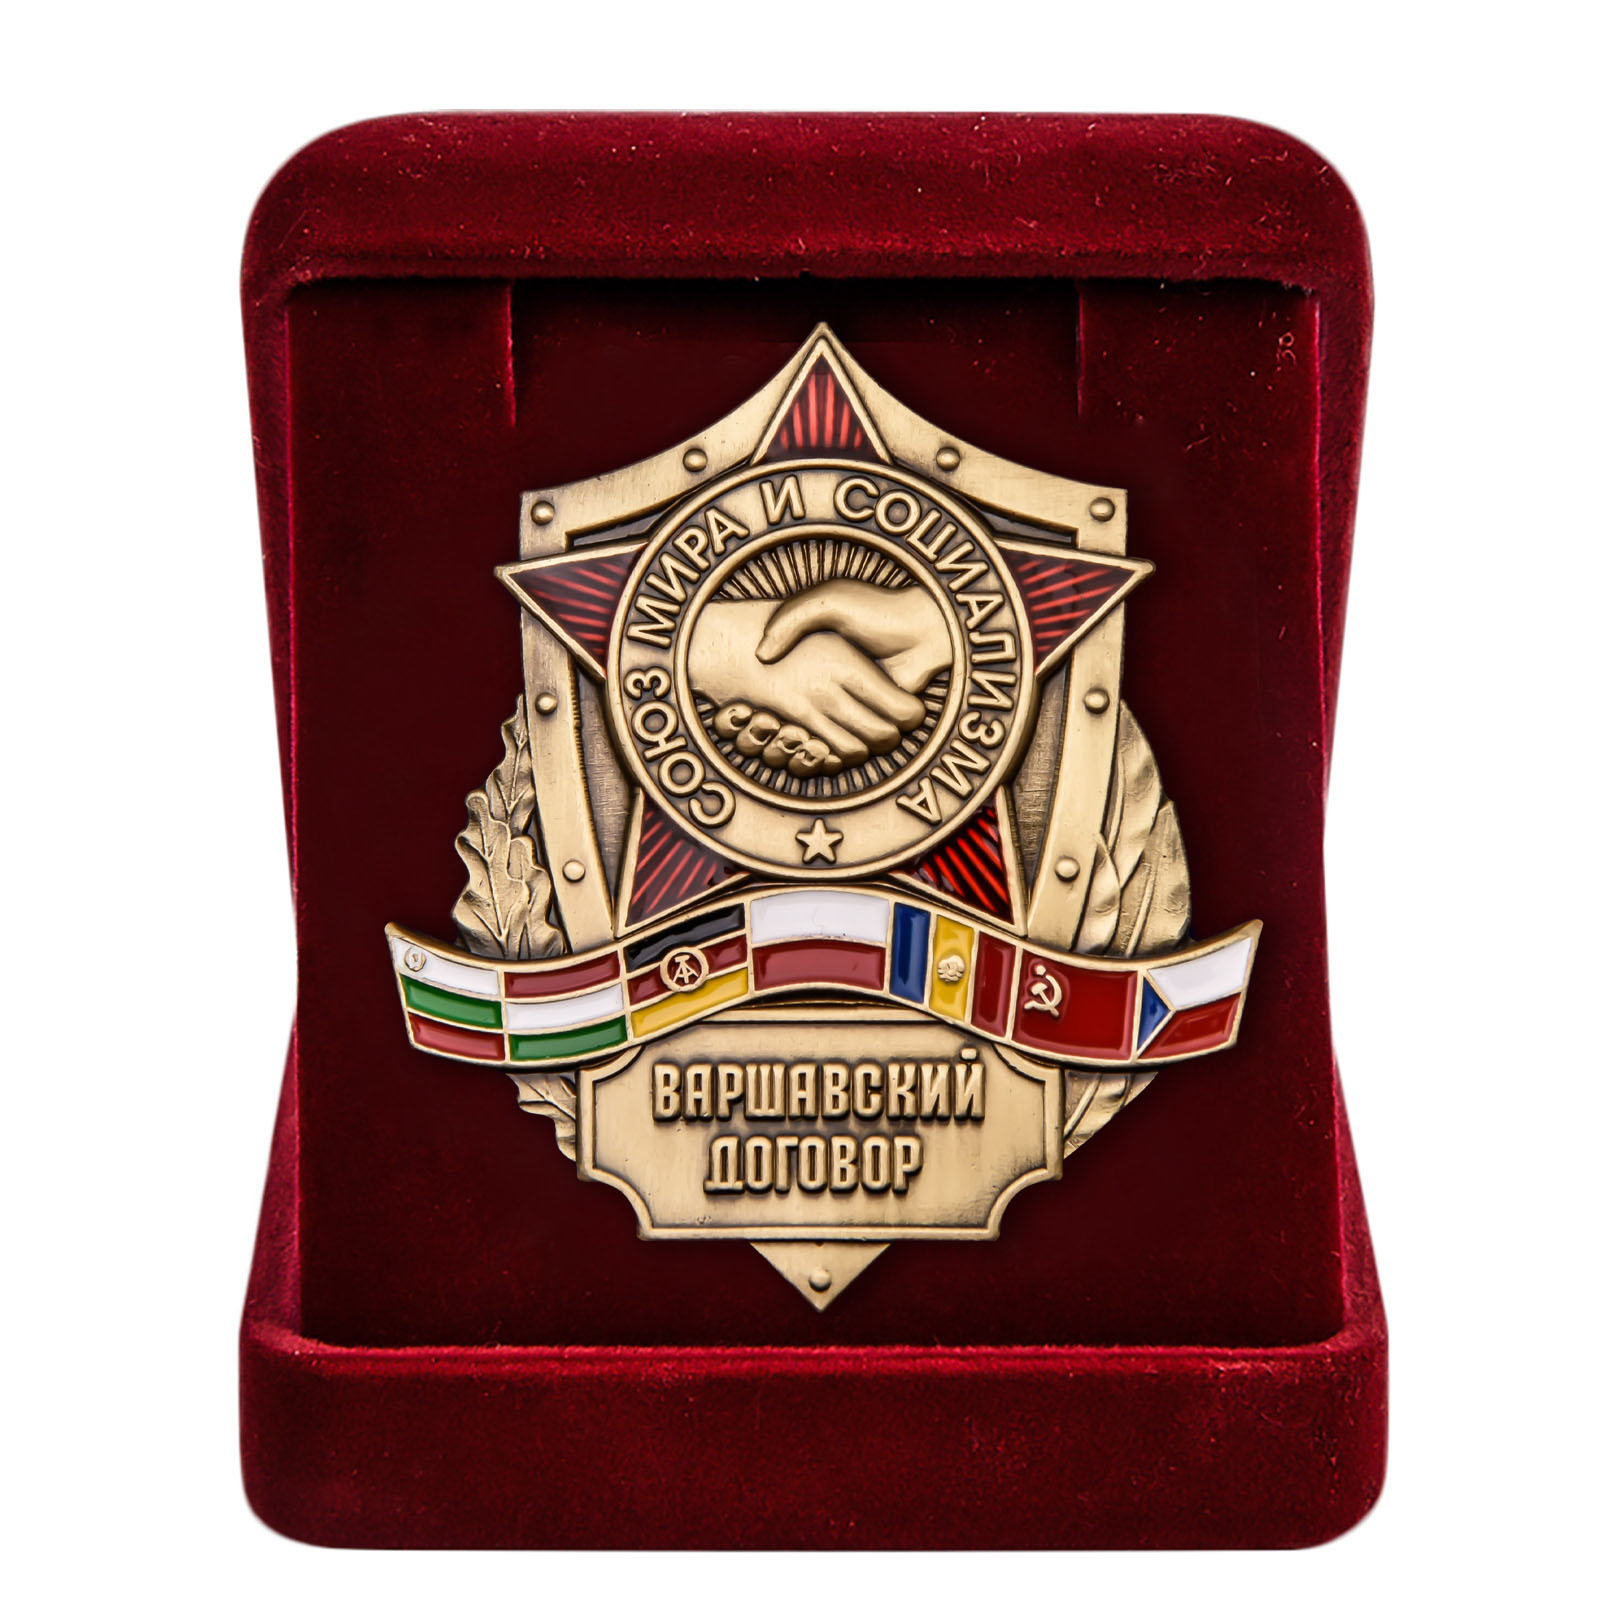 Купить латунный знак Варшавский договор онлайн в подарок